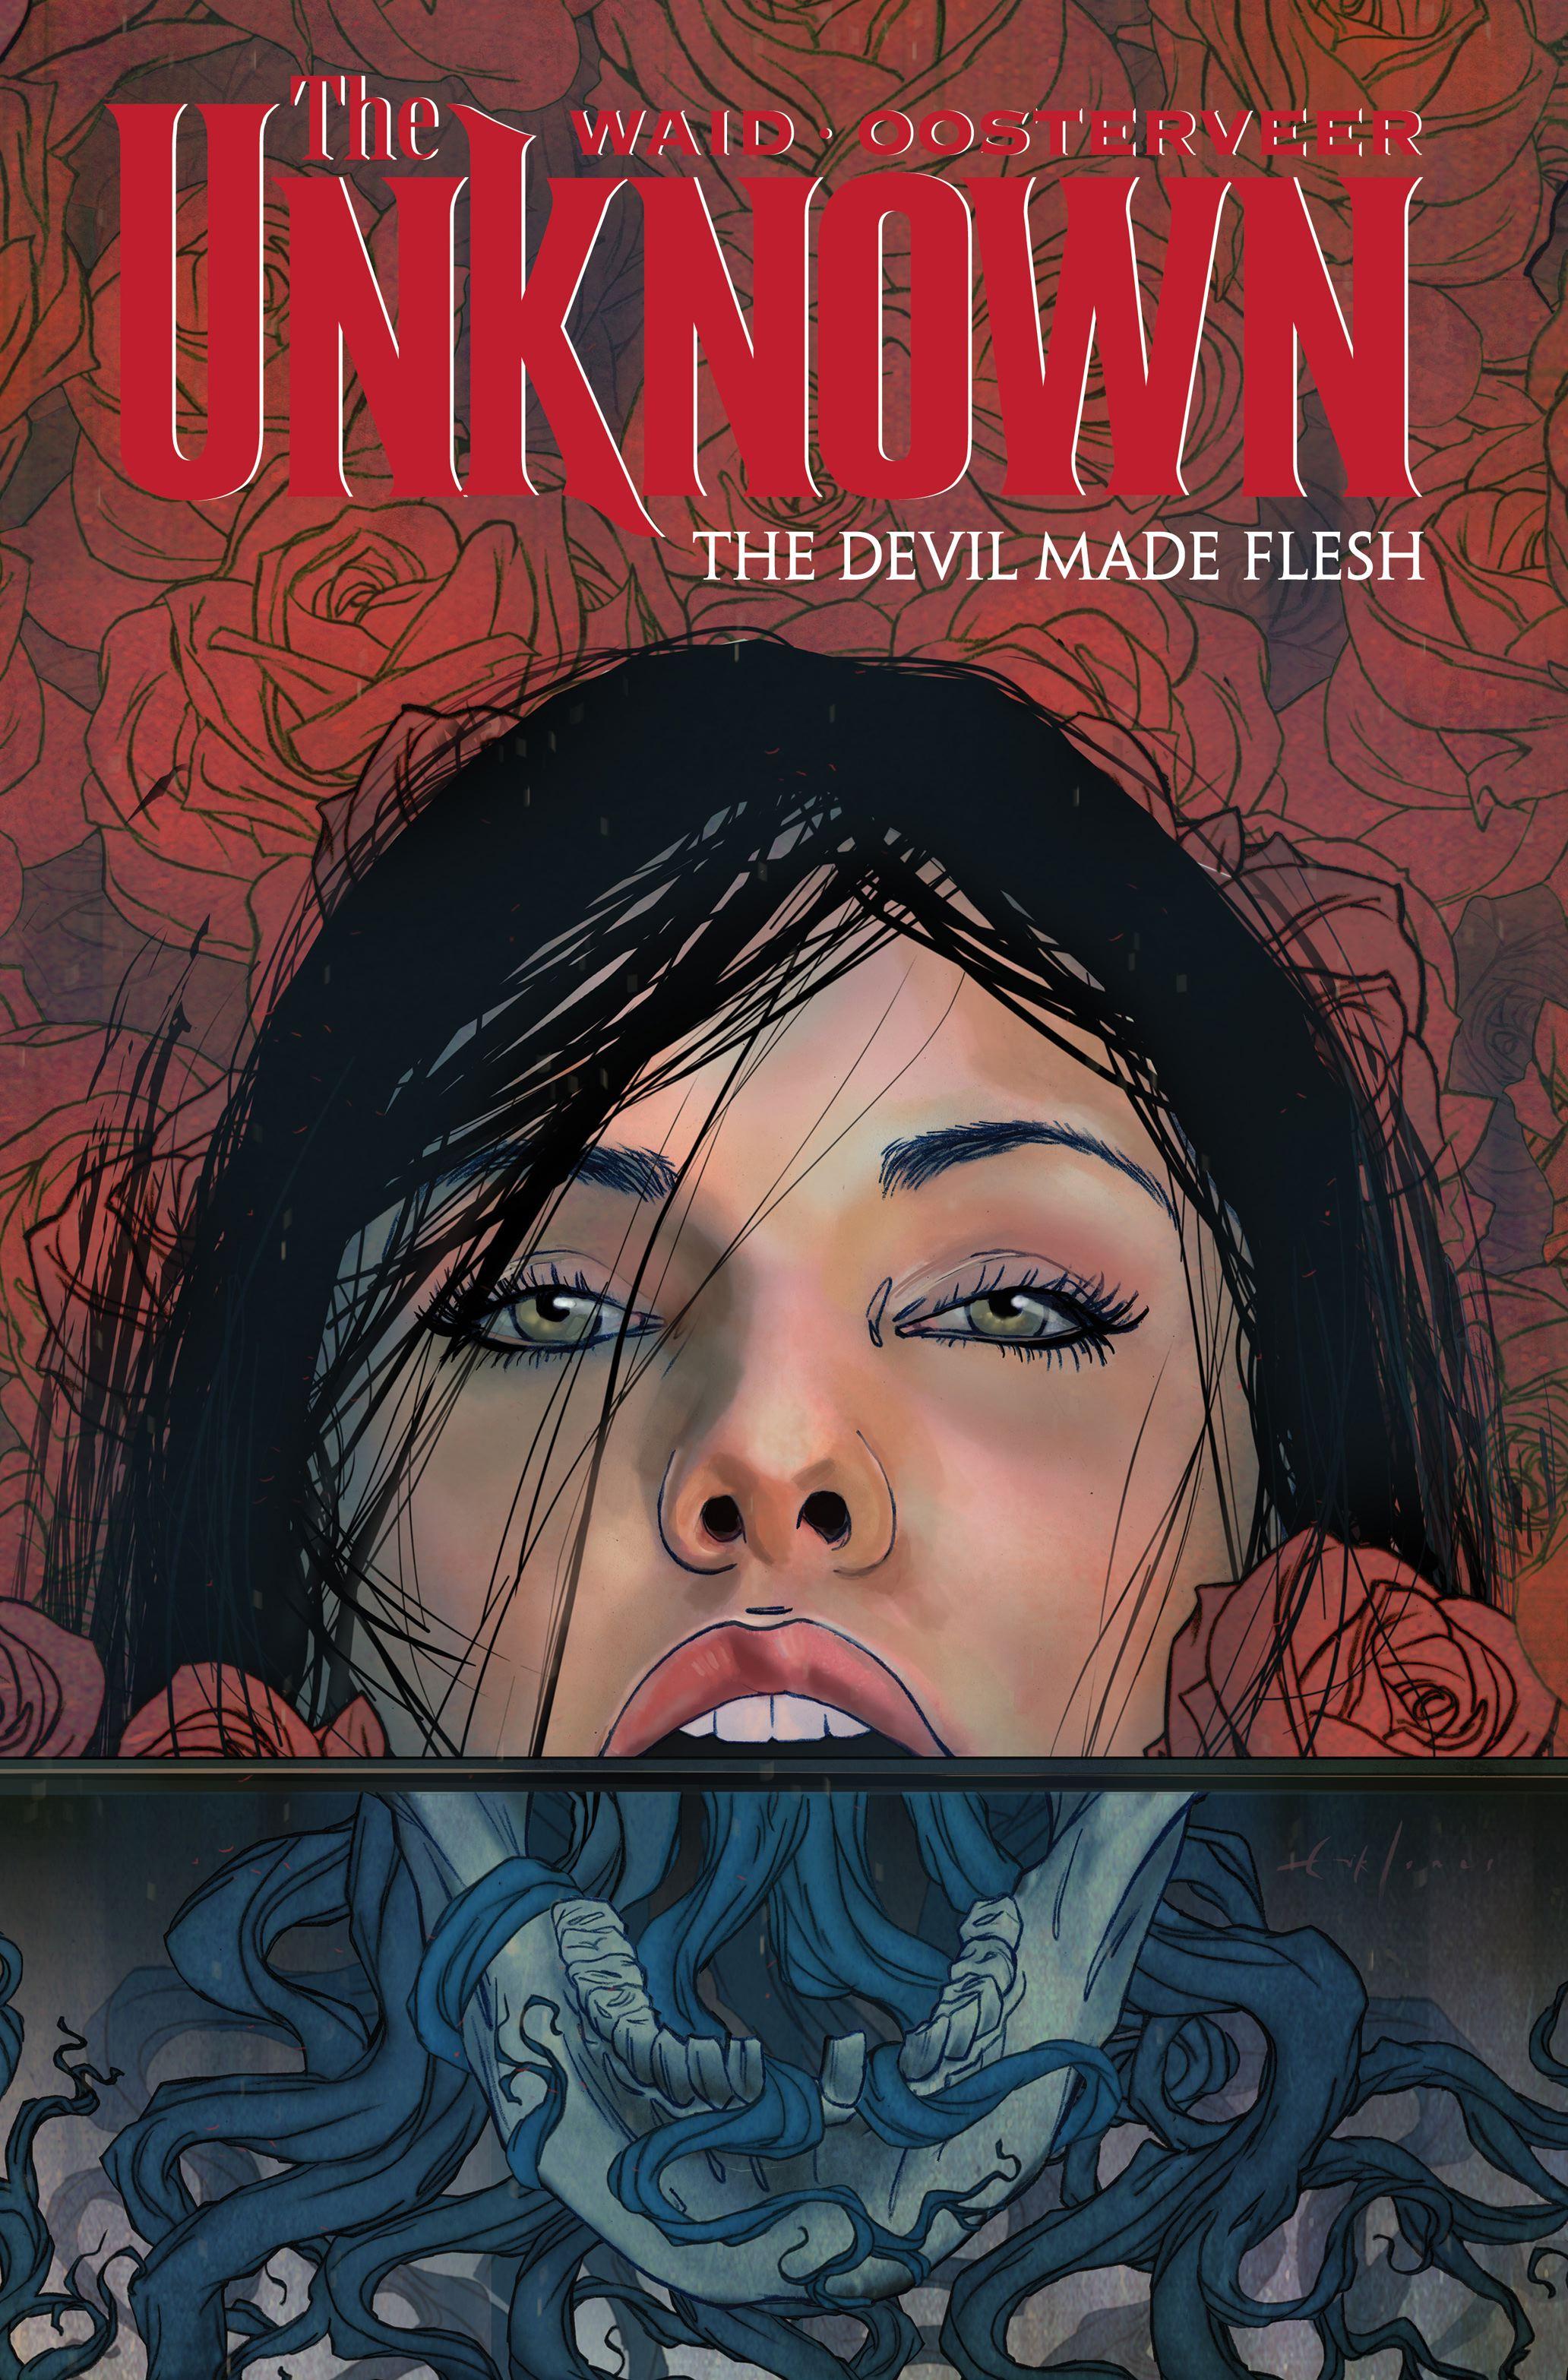 Unknown the devil made flesh 9781608860463 hr